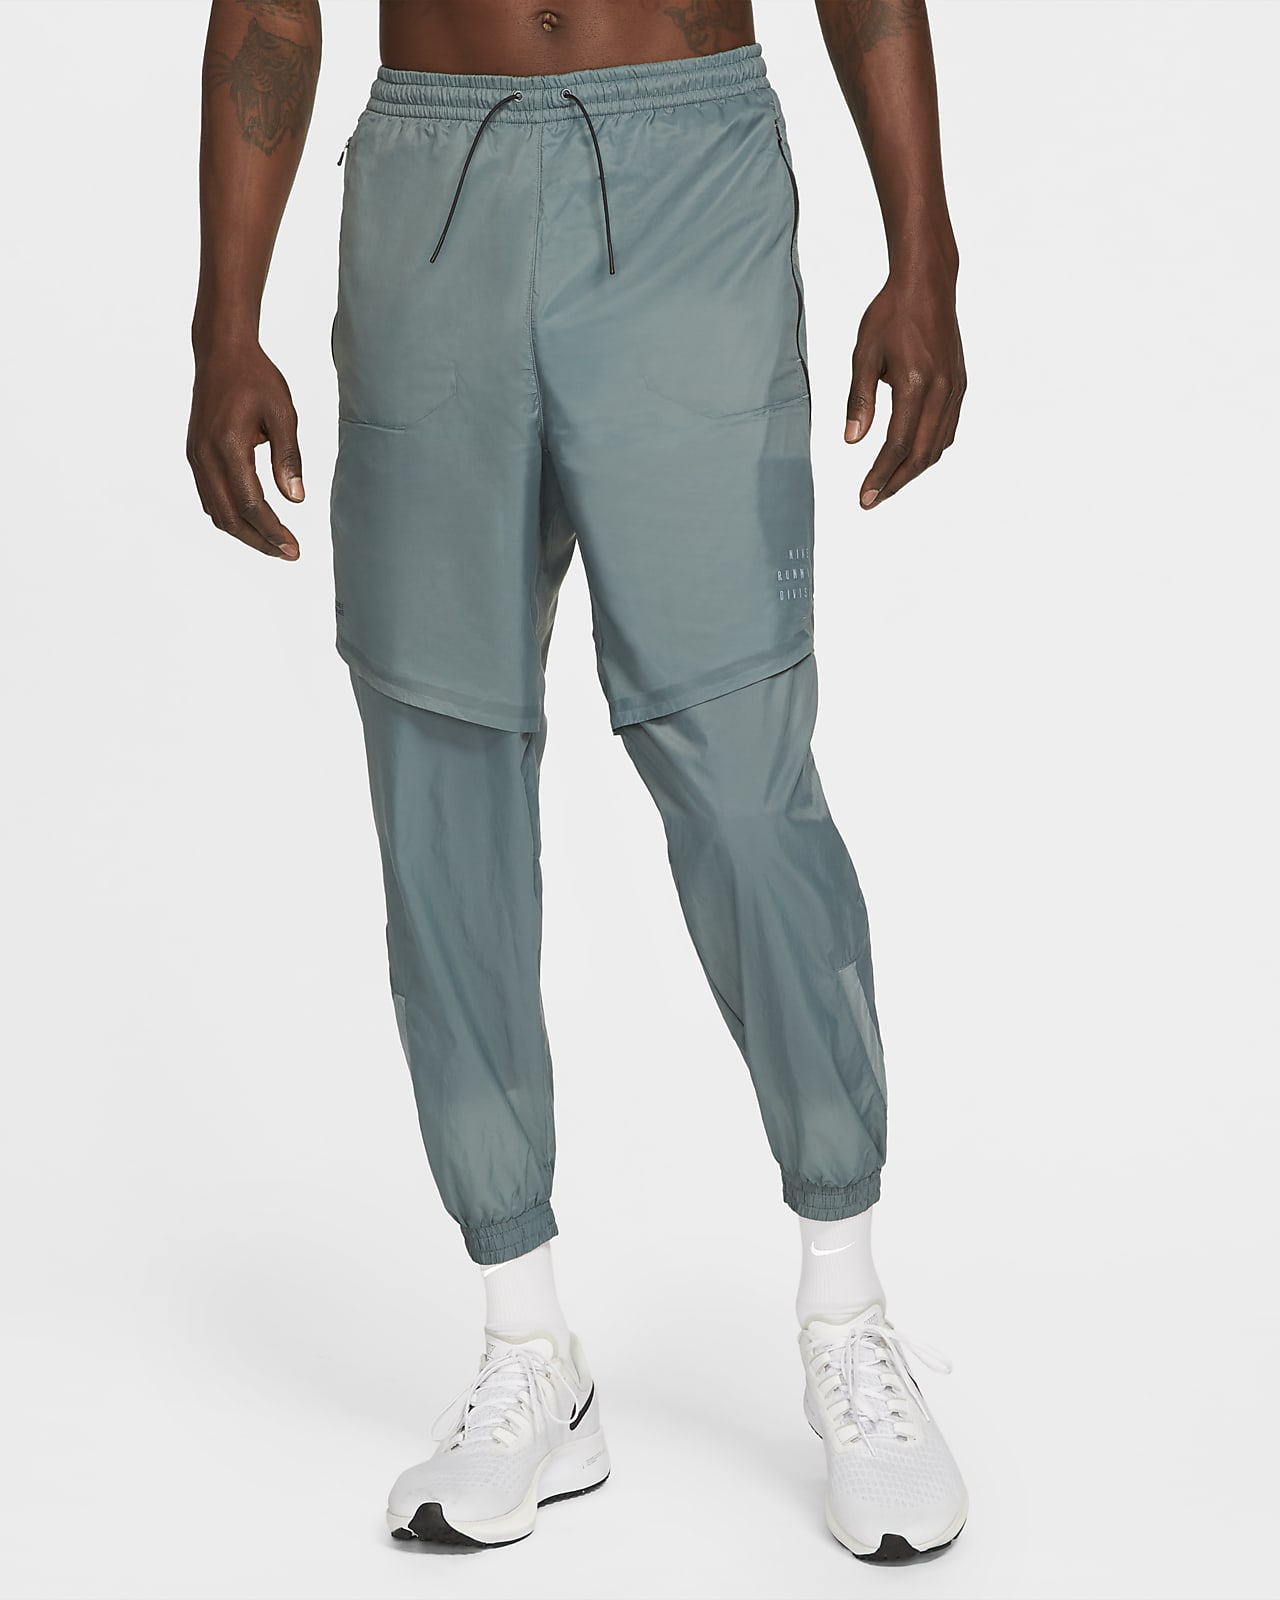 Pánské běžecké kalhoty Nike Run Division Pinnacle